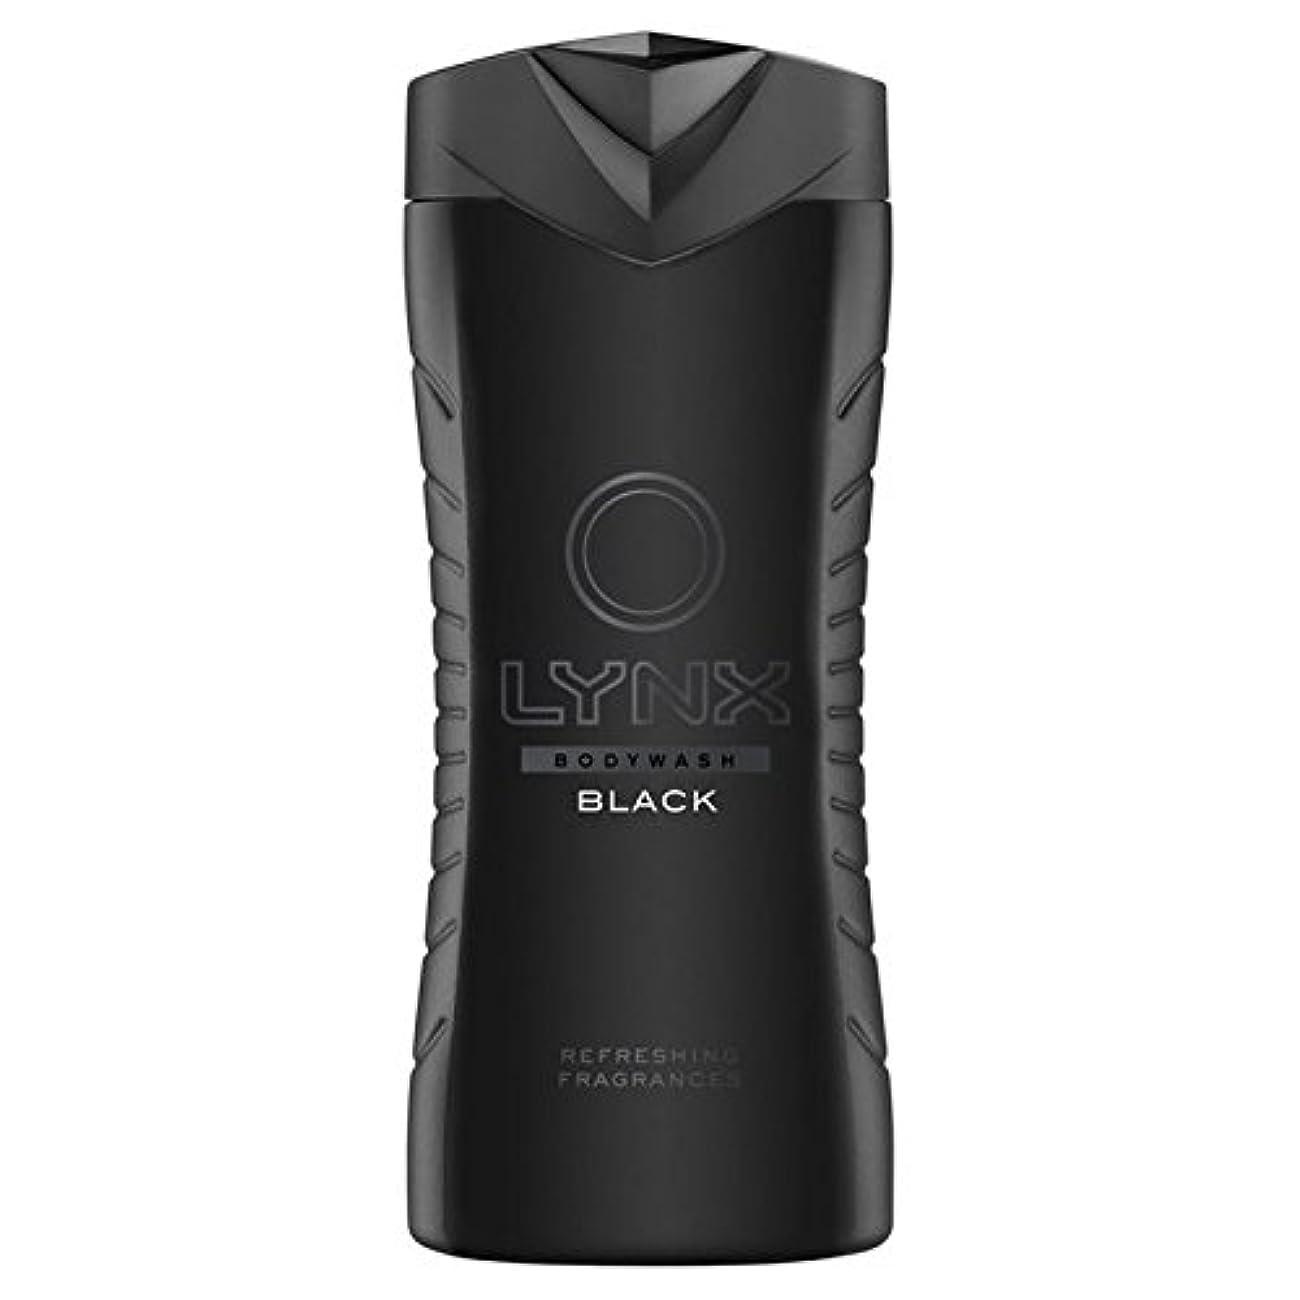 息切れ謎めいた幾分Lynx Black Shower Gel 400ml - オオヤマネコブラックシャワージェル400ミリリットル [並行輸入品]